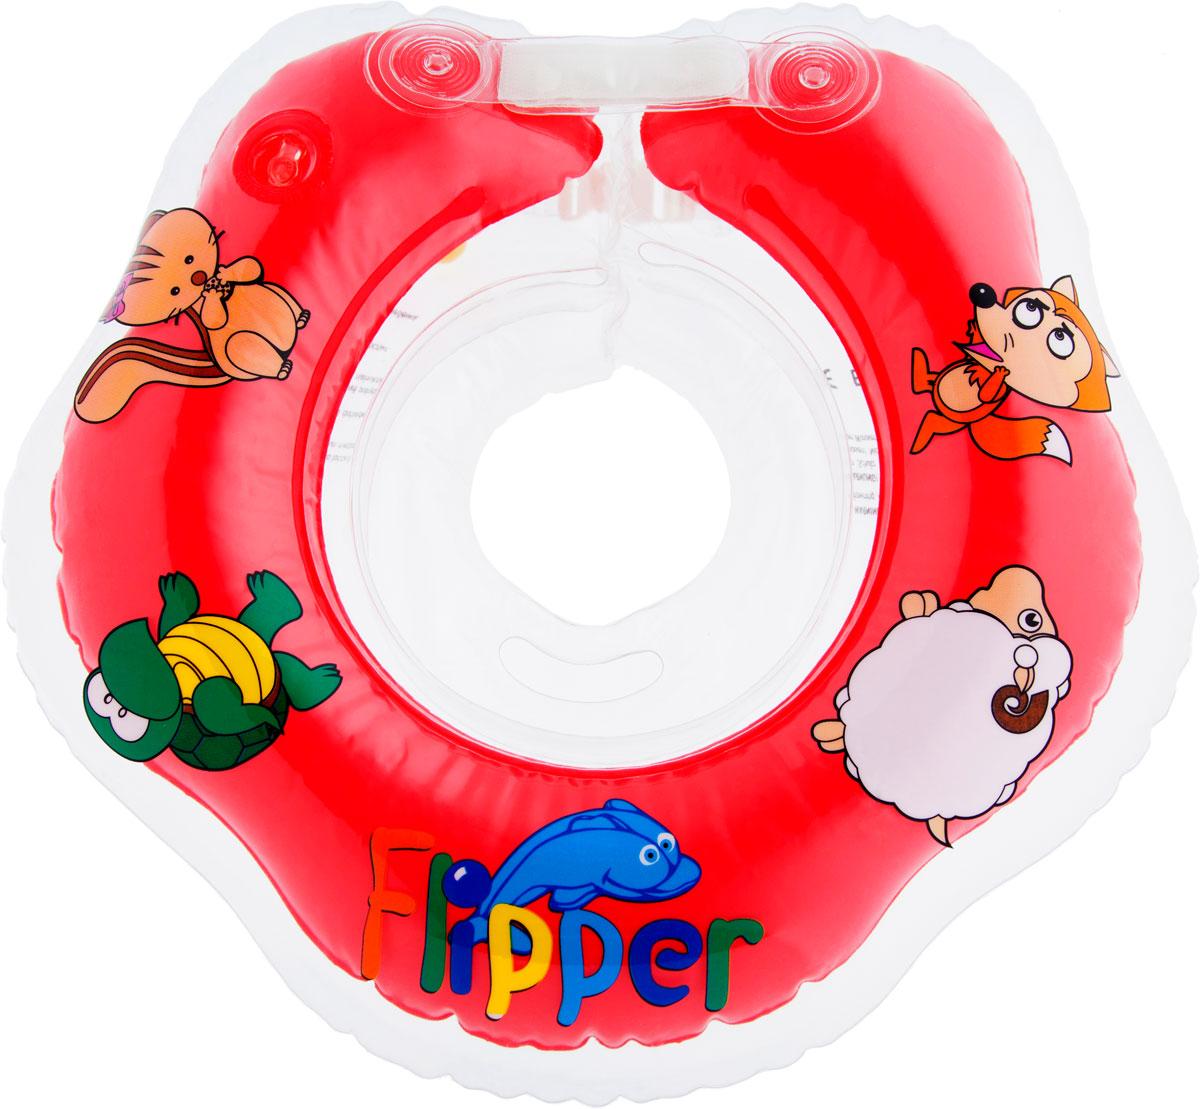 Roxy-kids Круг на шею для купания Flipper цвет красный круг на шею для купания roxy kids flipper цвет голубой